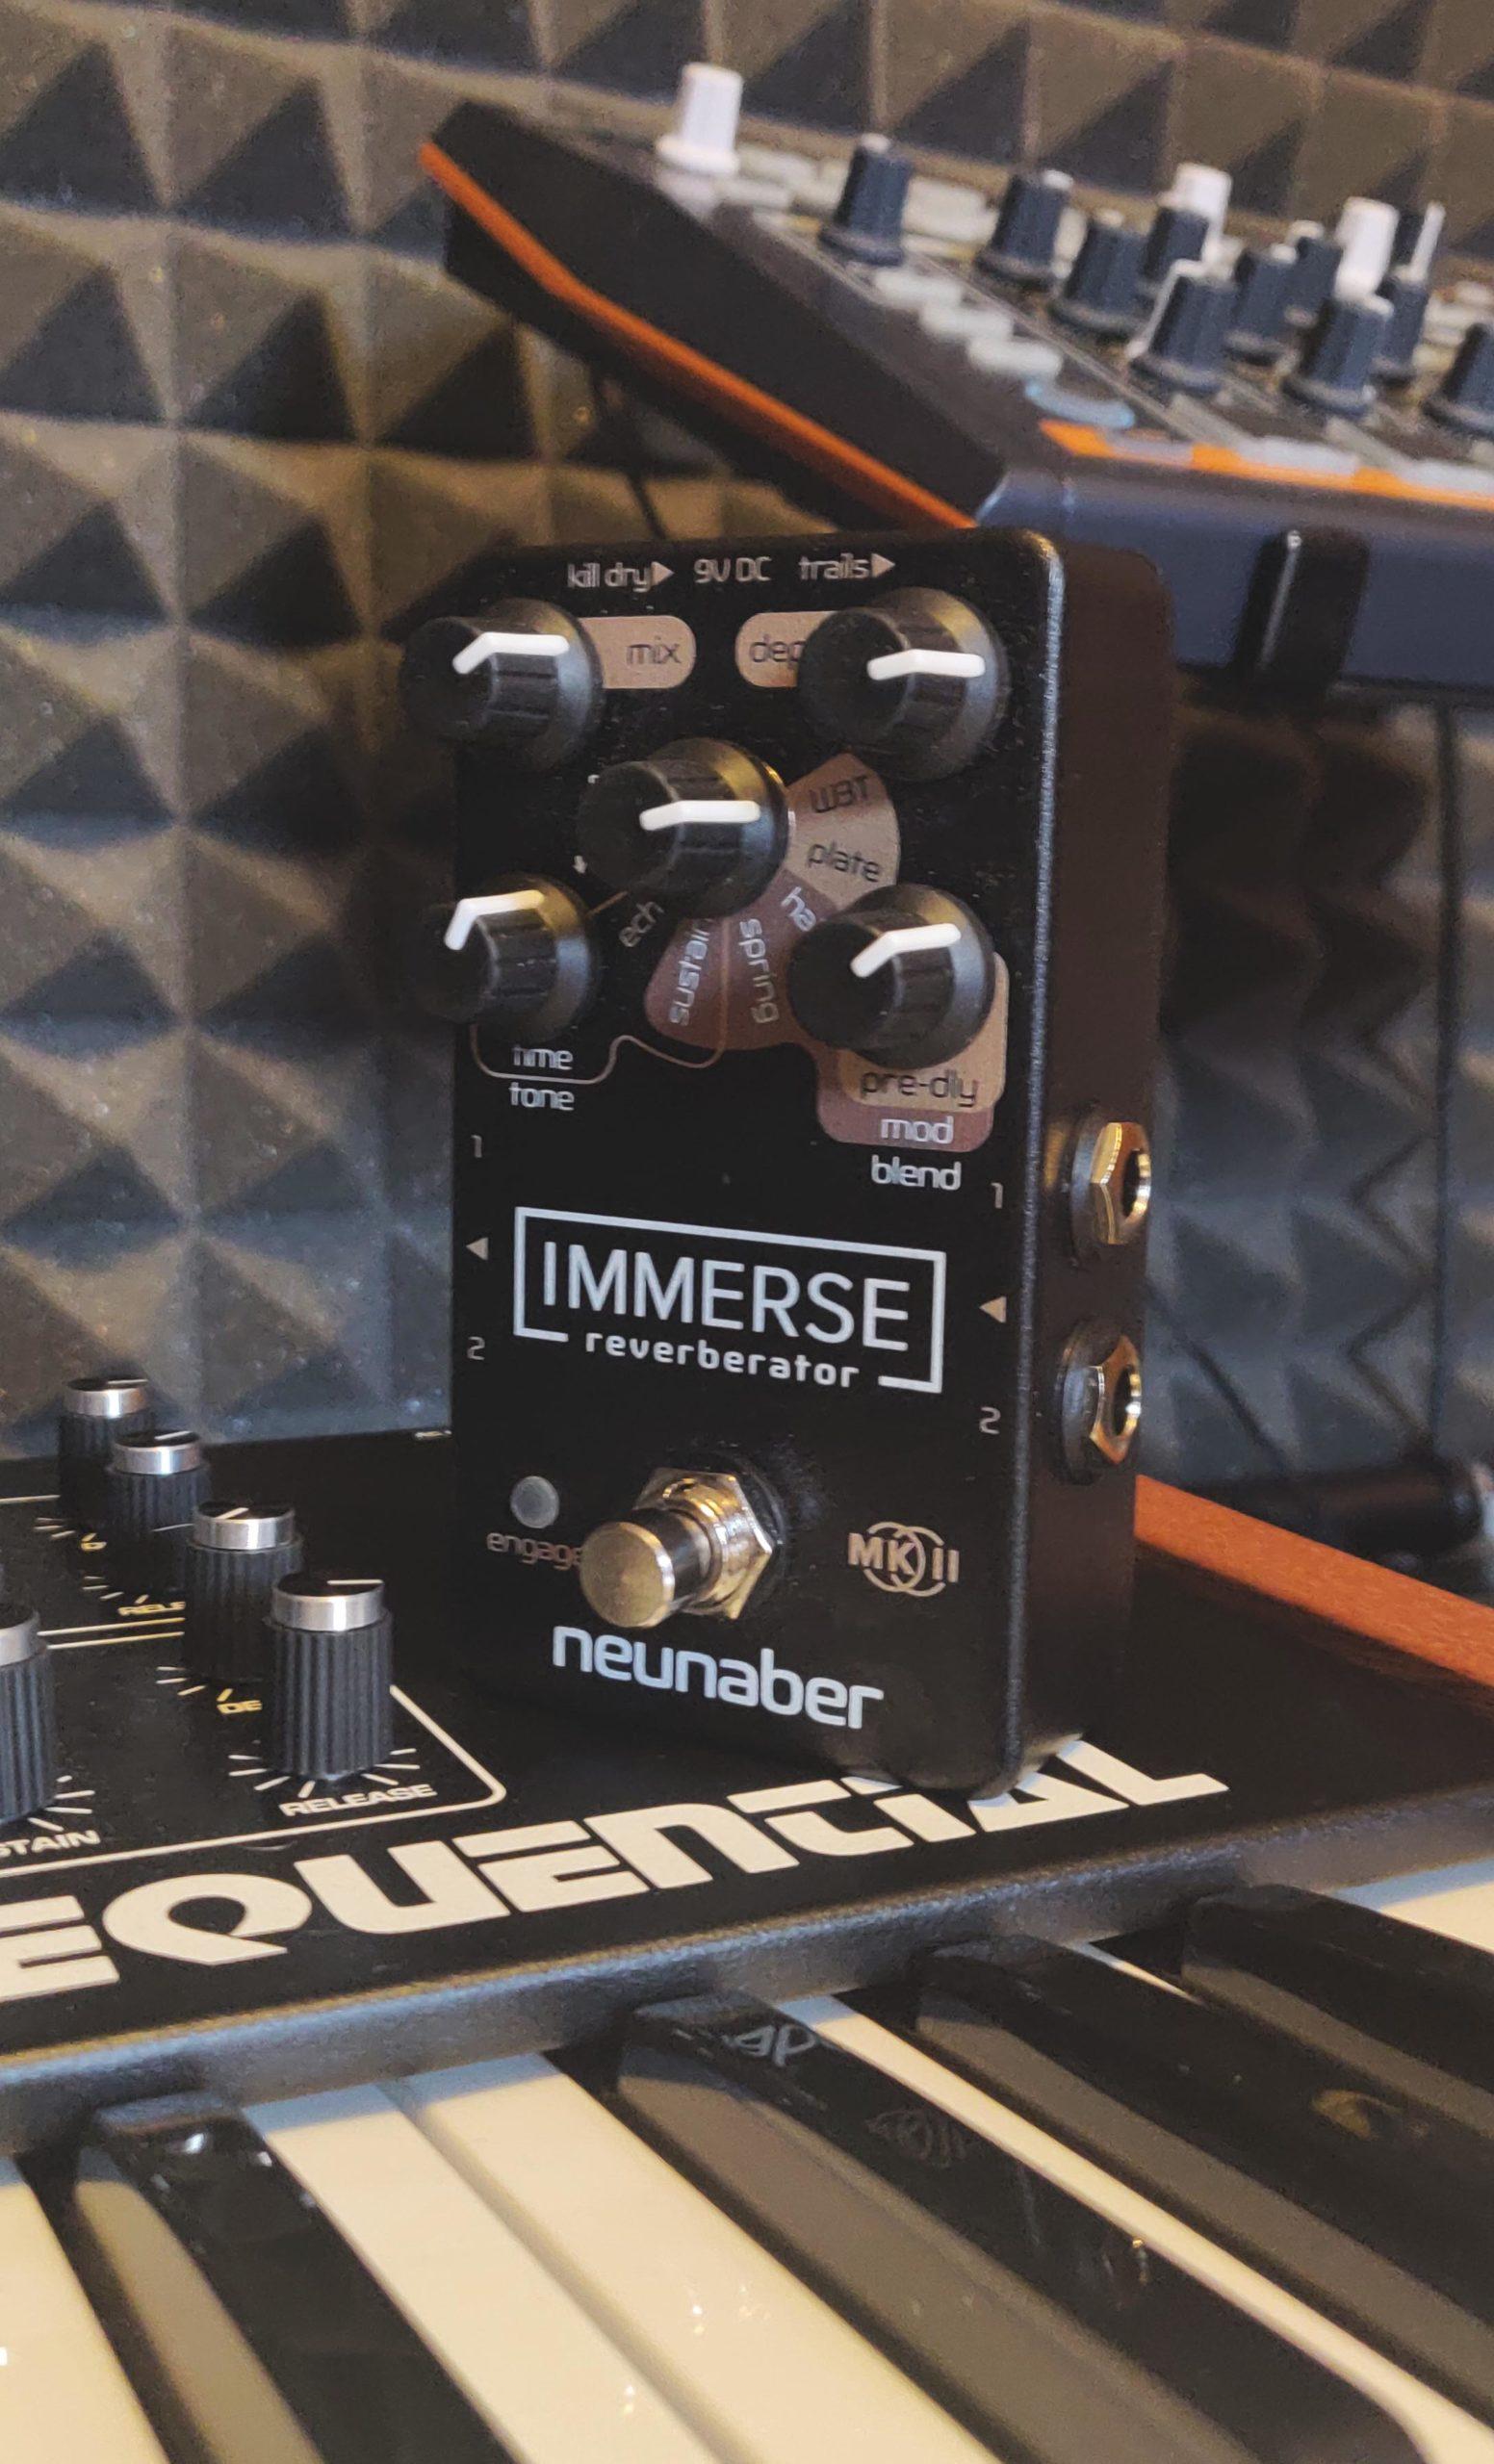 Neunaber Immerse Reverberator MkII_2